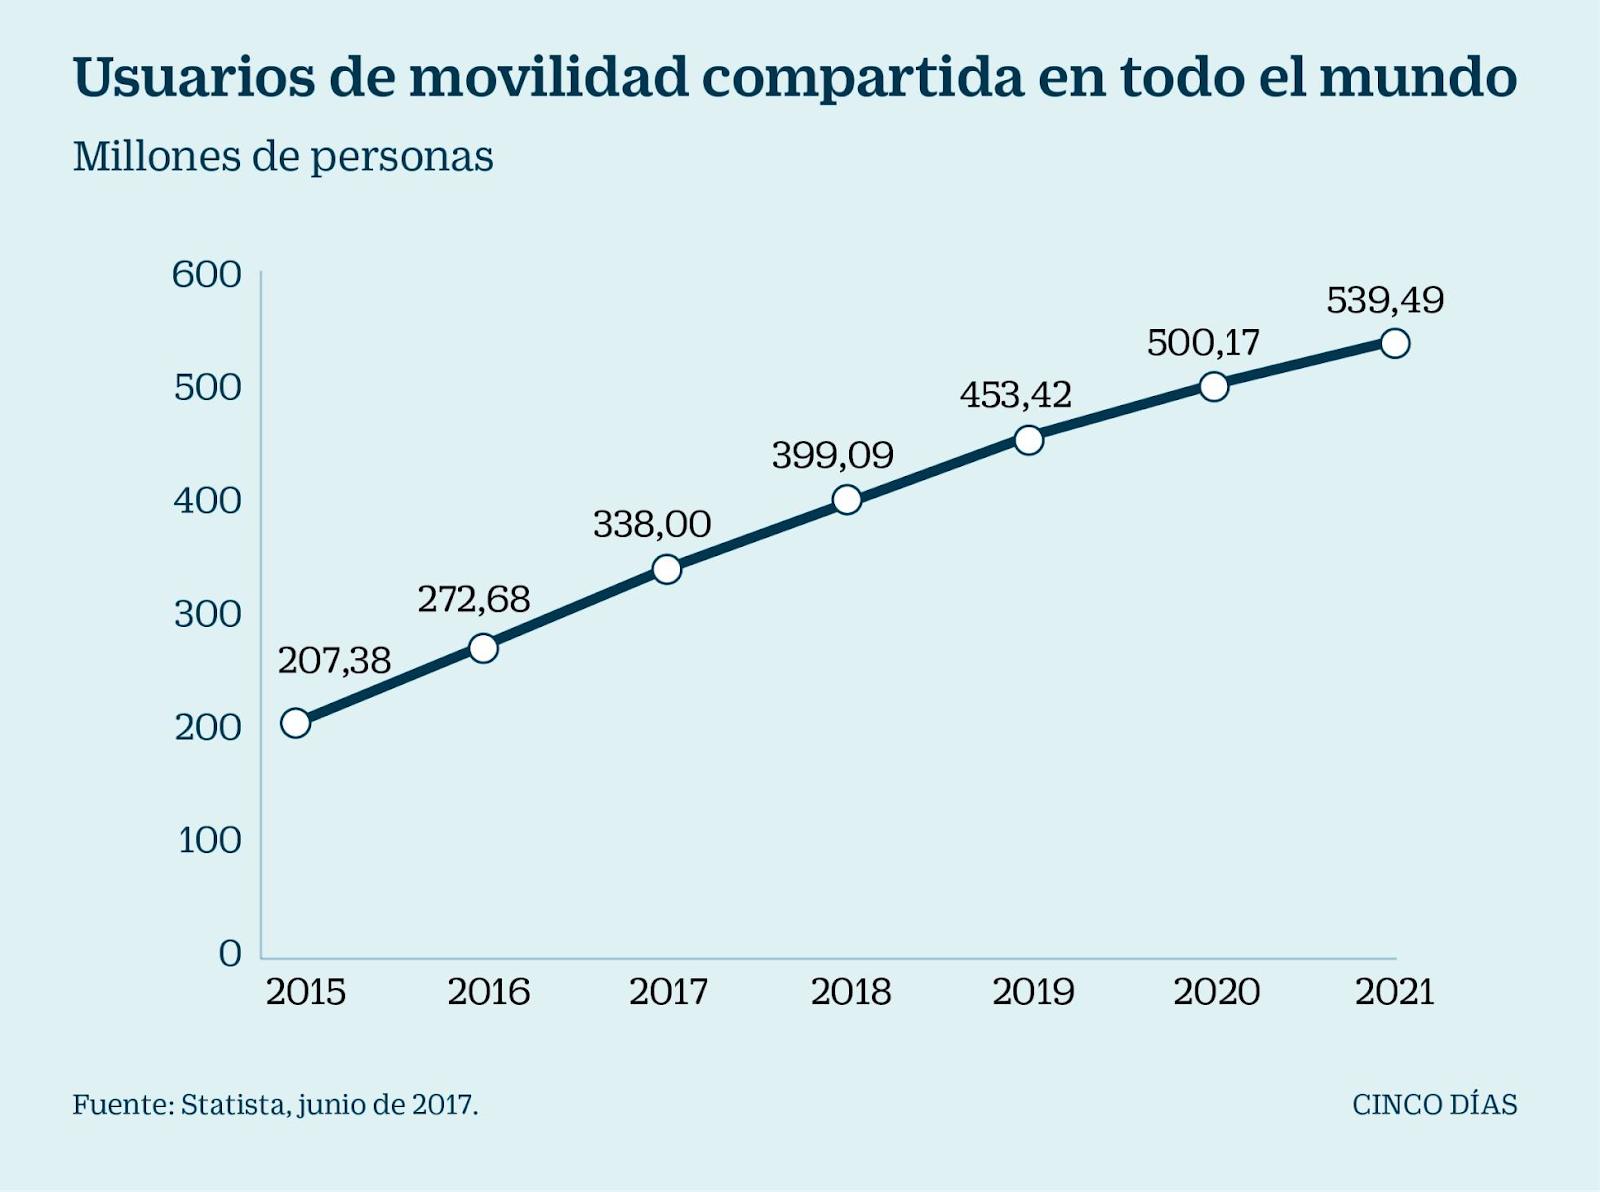 Usuarios de movilidad compartida en el mundo. Cinco Días-El País / Statista (2017).